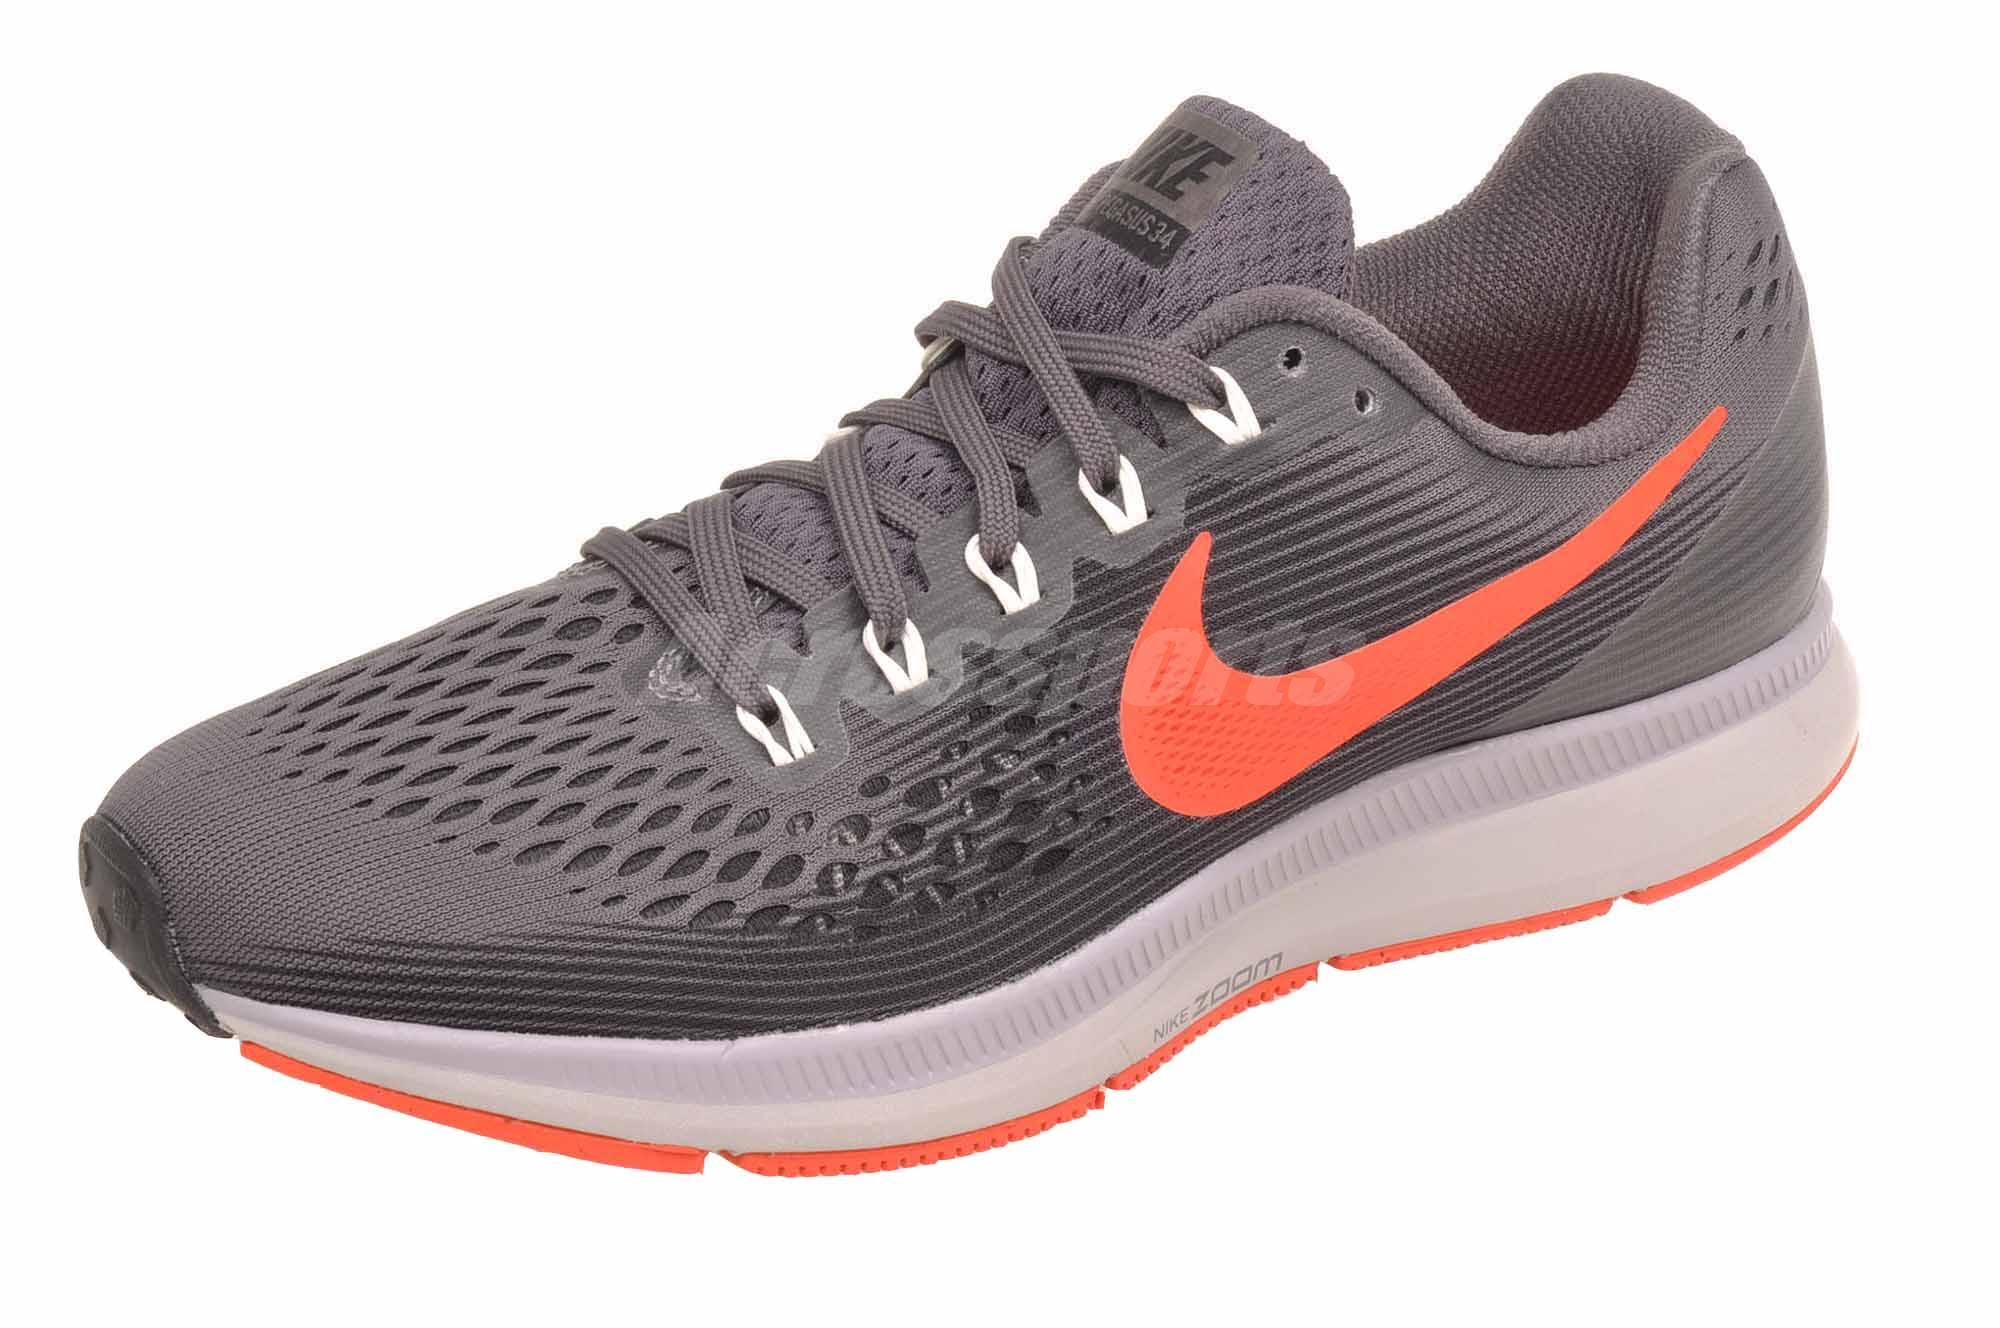 Nike Zoom Pegasus \u0026 More Running Shoes